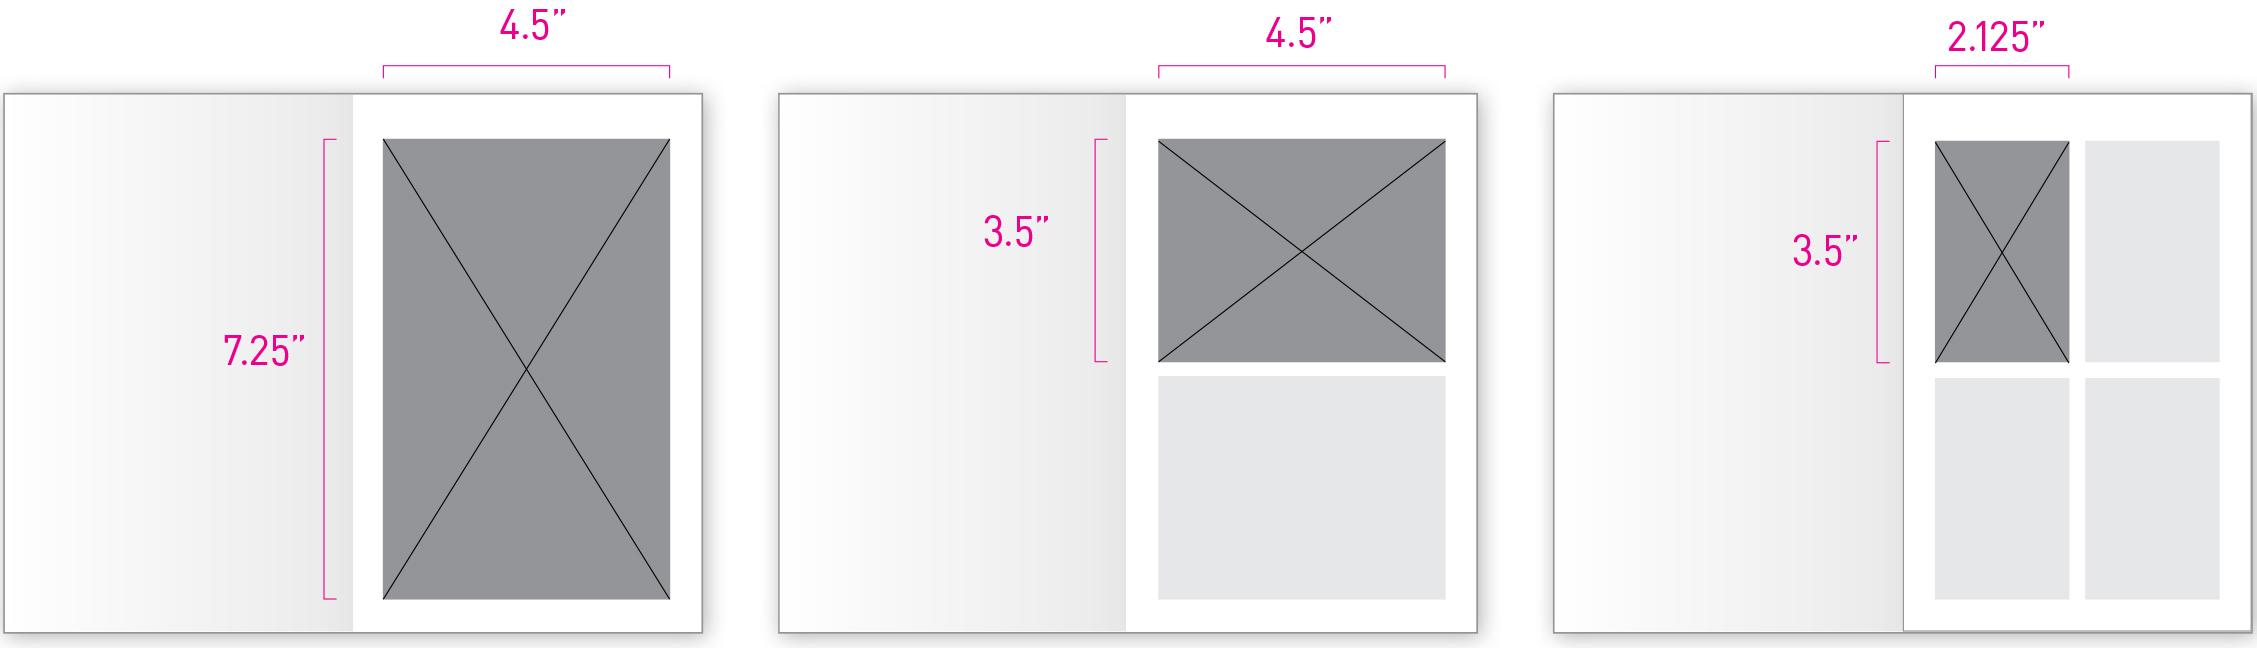 Add sizes.jpg